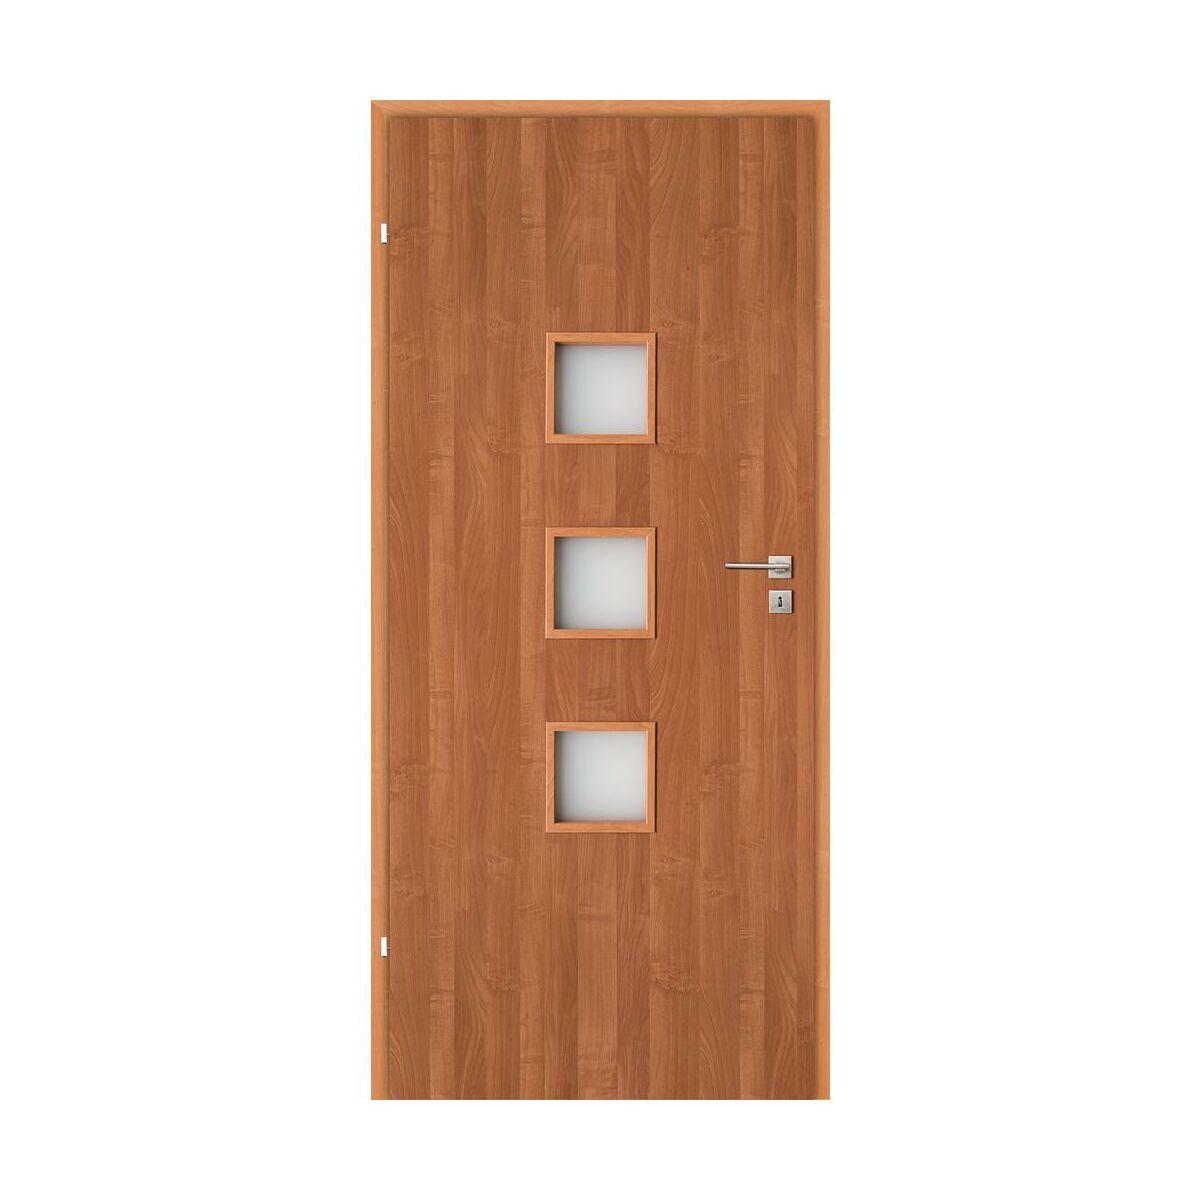 Skrzydlo Drzwiowe Pokojowe Lea Olcha 80 Lewe Classen Drzwi Wewnetrzne W Atrakcyjnej Cenie W Sklepach Leroy Merlin